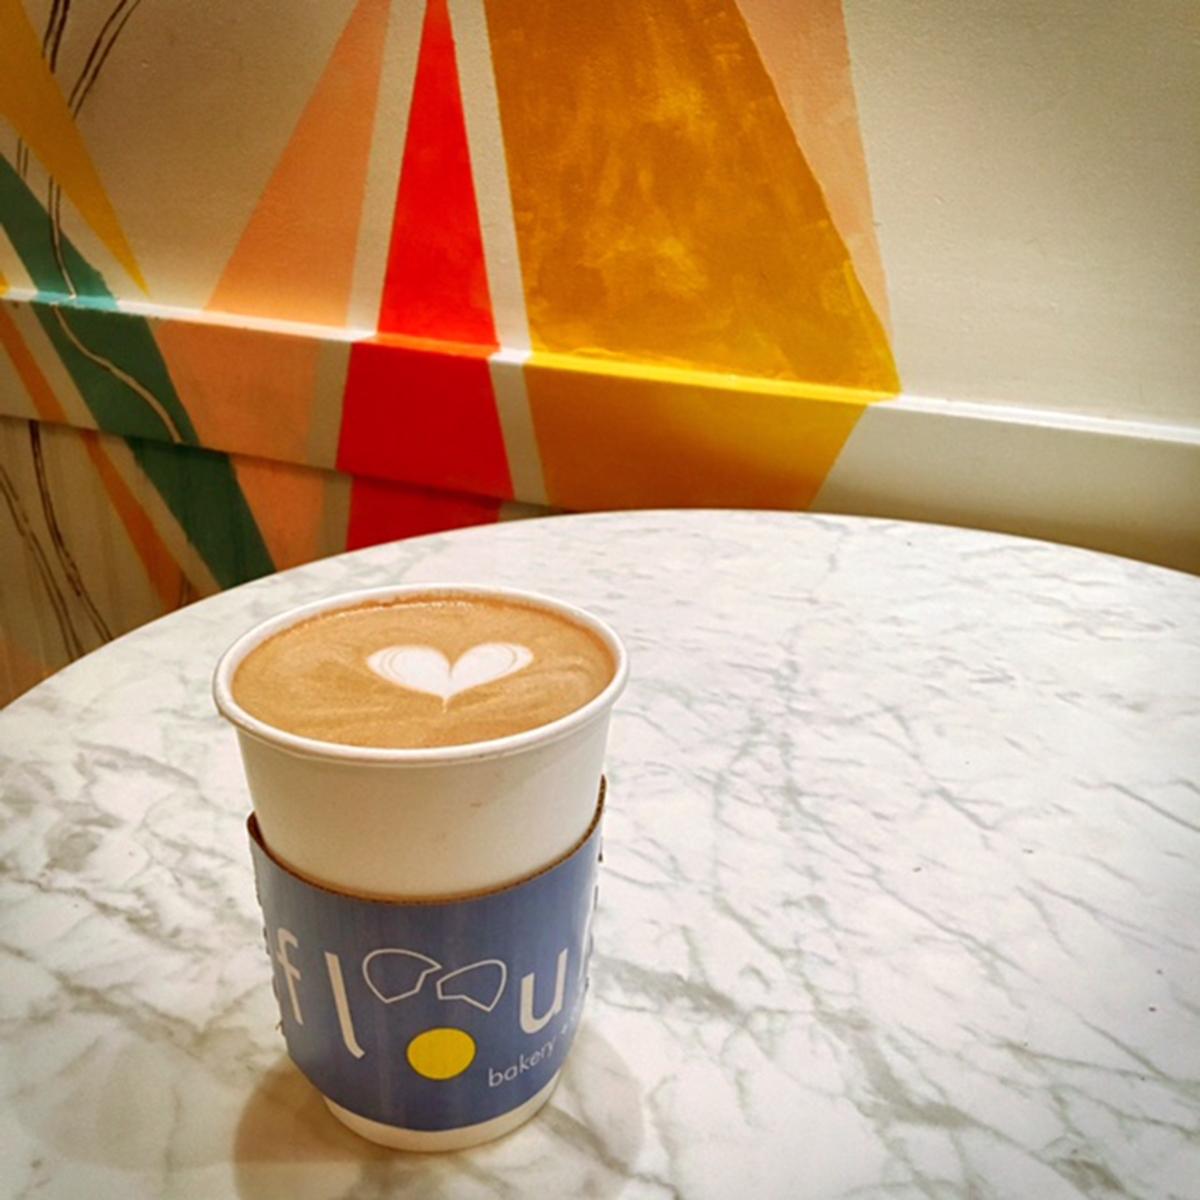 Photo courtesy of Flour Bakery + Cafe